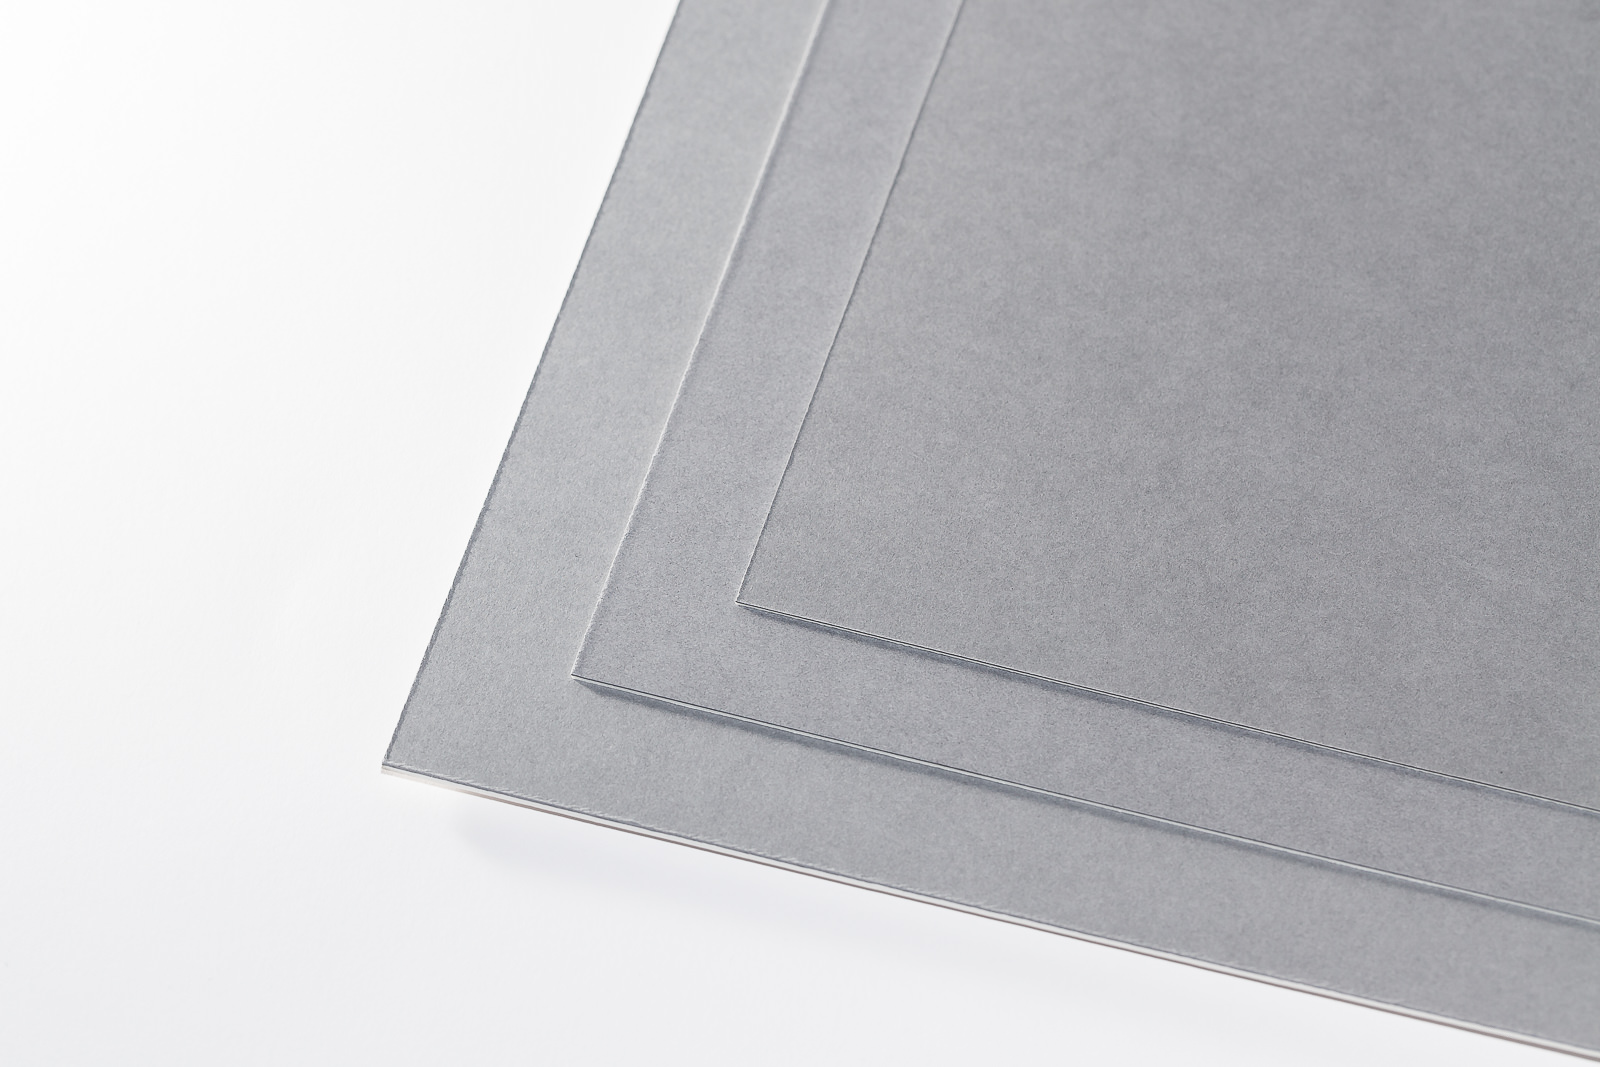 Archiv-Schachtelkarton